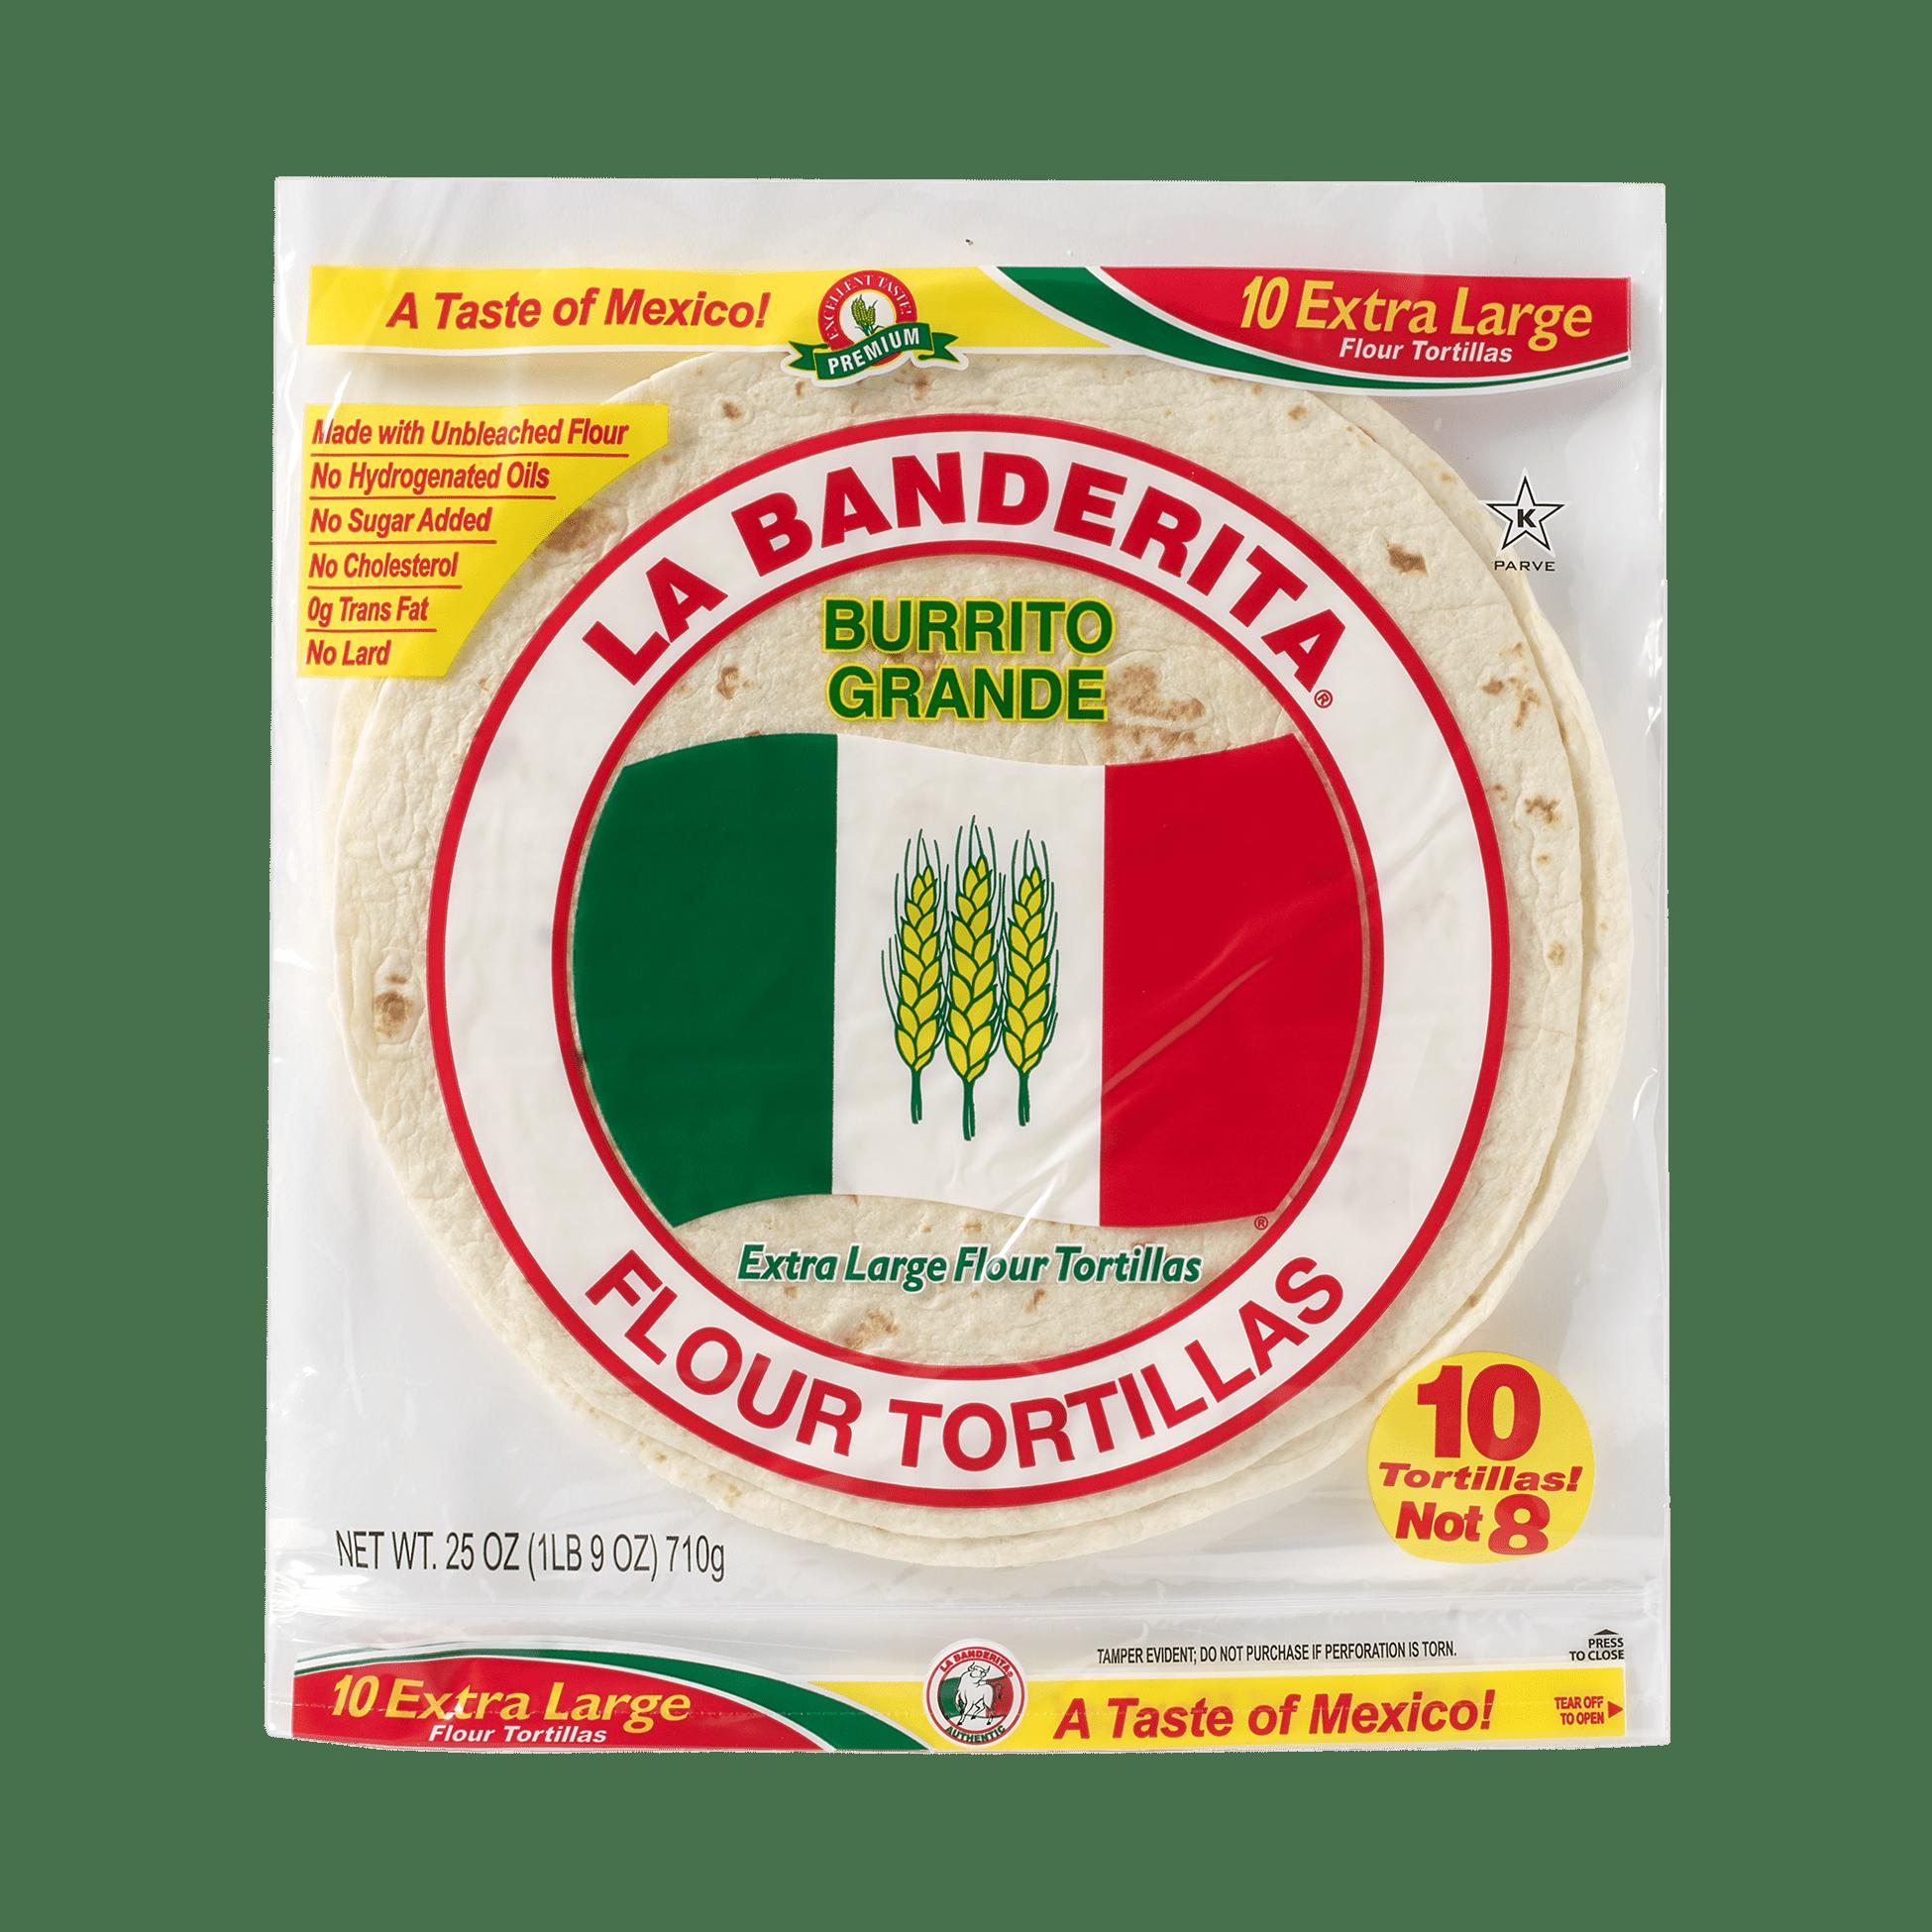 La Banderita Burrito Grande - Front